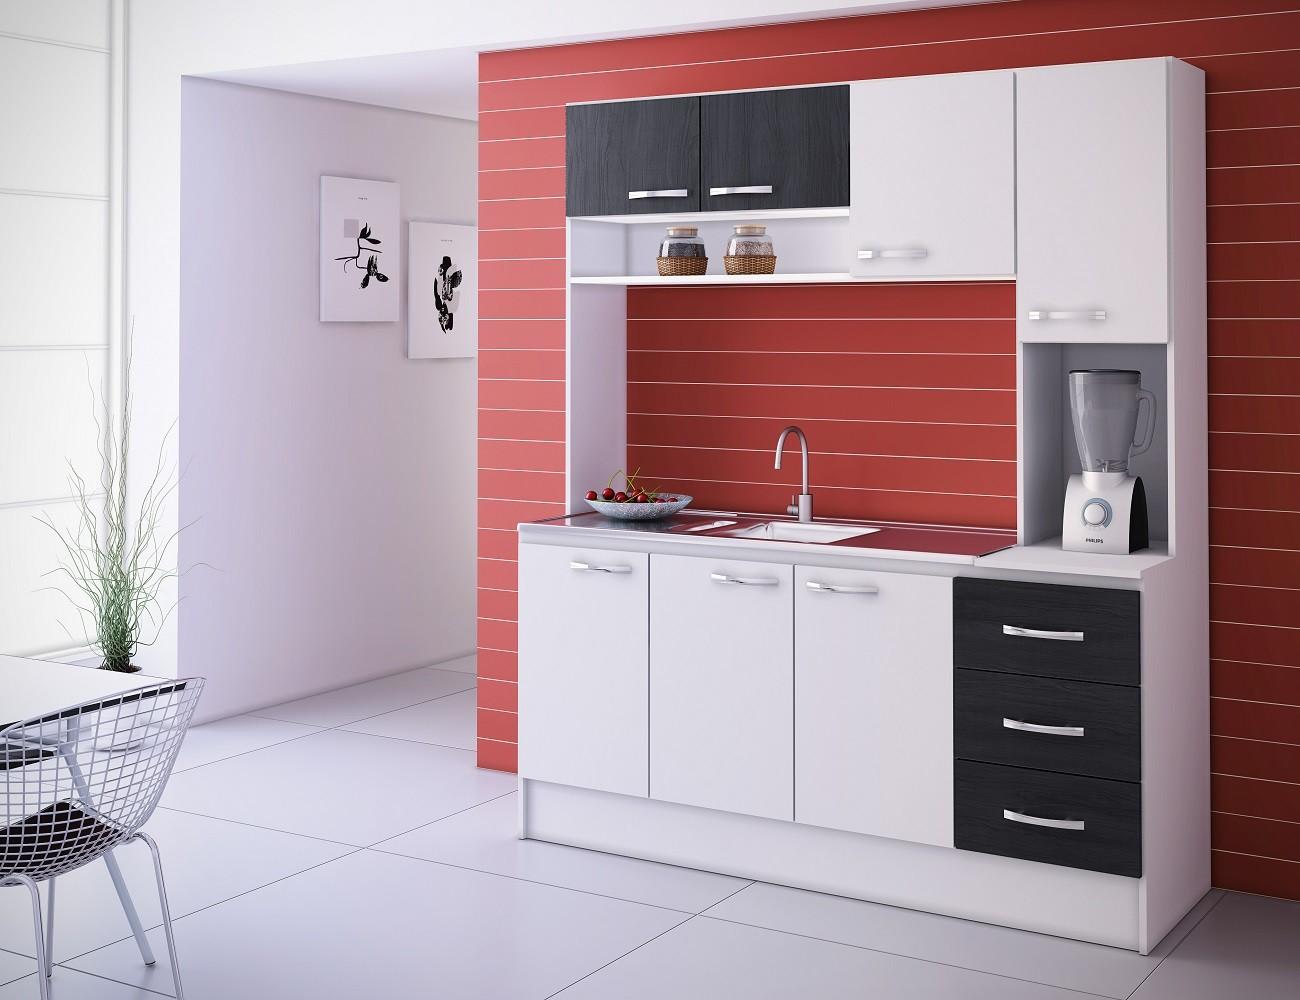 Muebles Cocina Blanco Mueble Cocina Laqueado Brillante Blanco P  # Muebles Cocinas Soinco